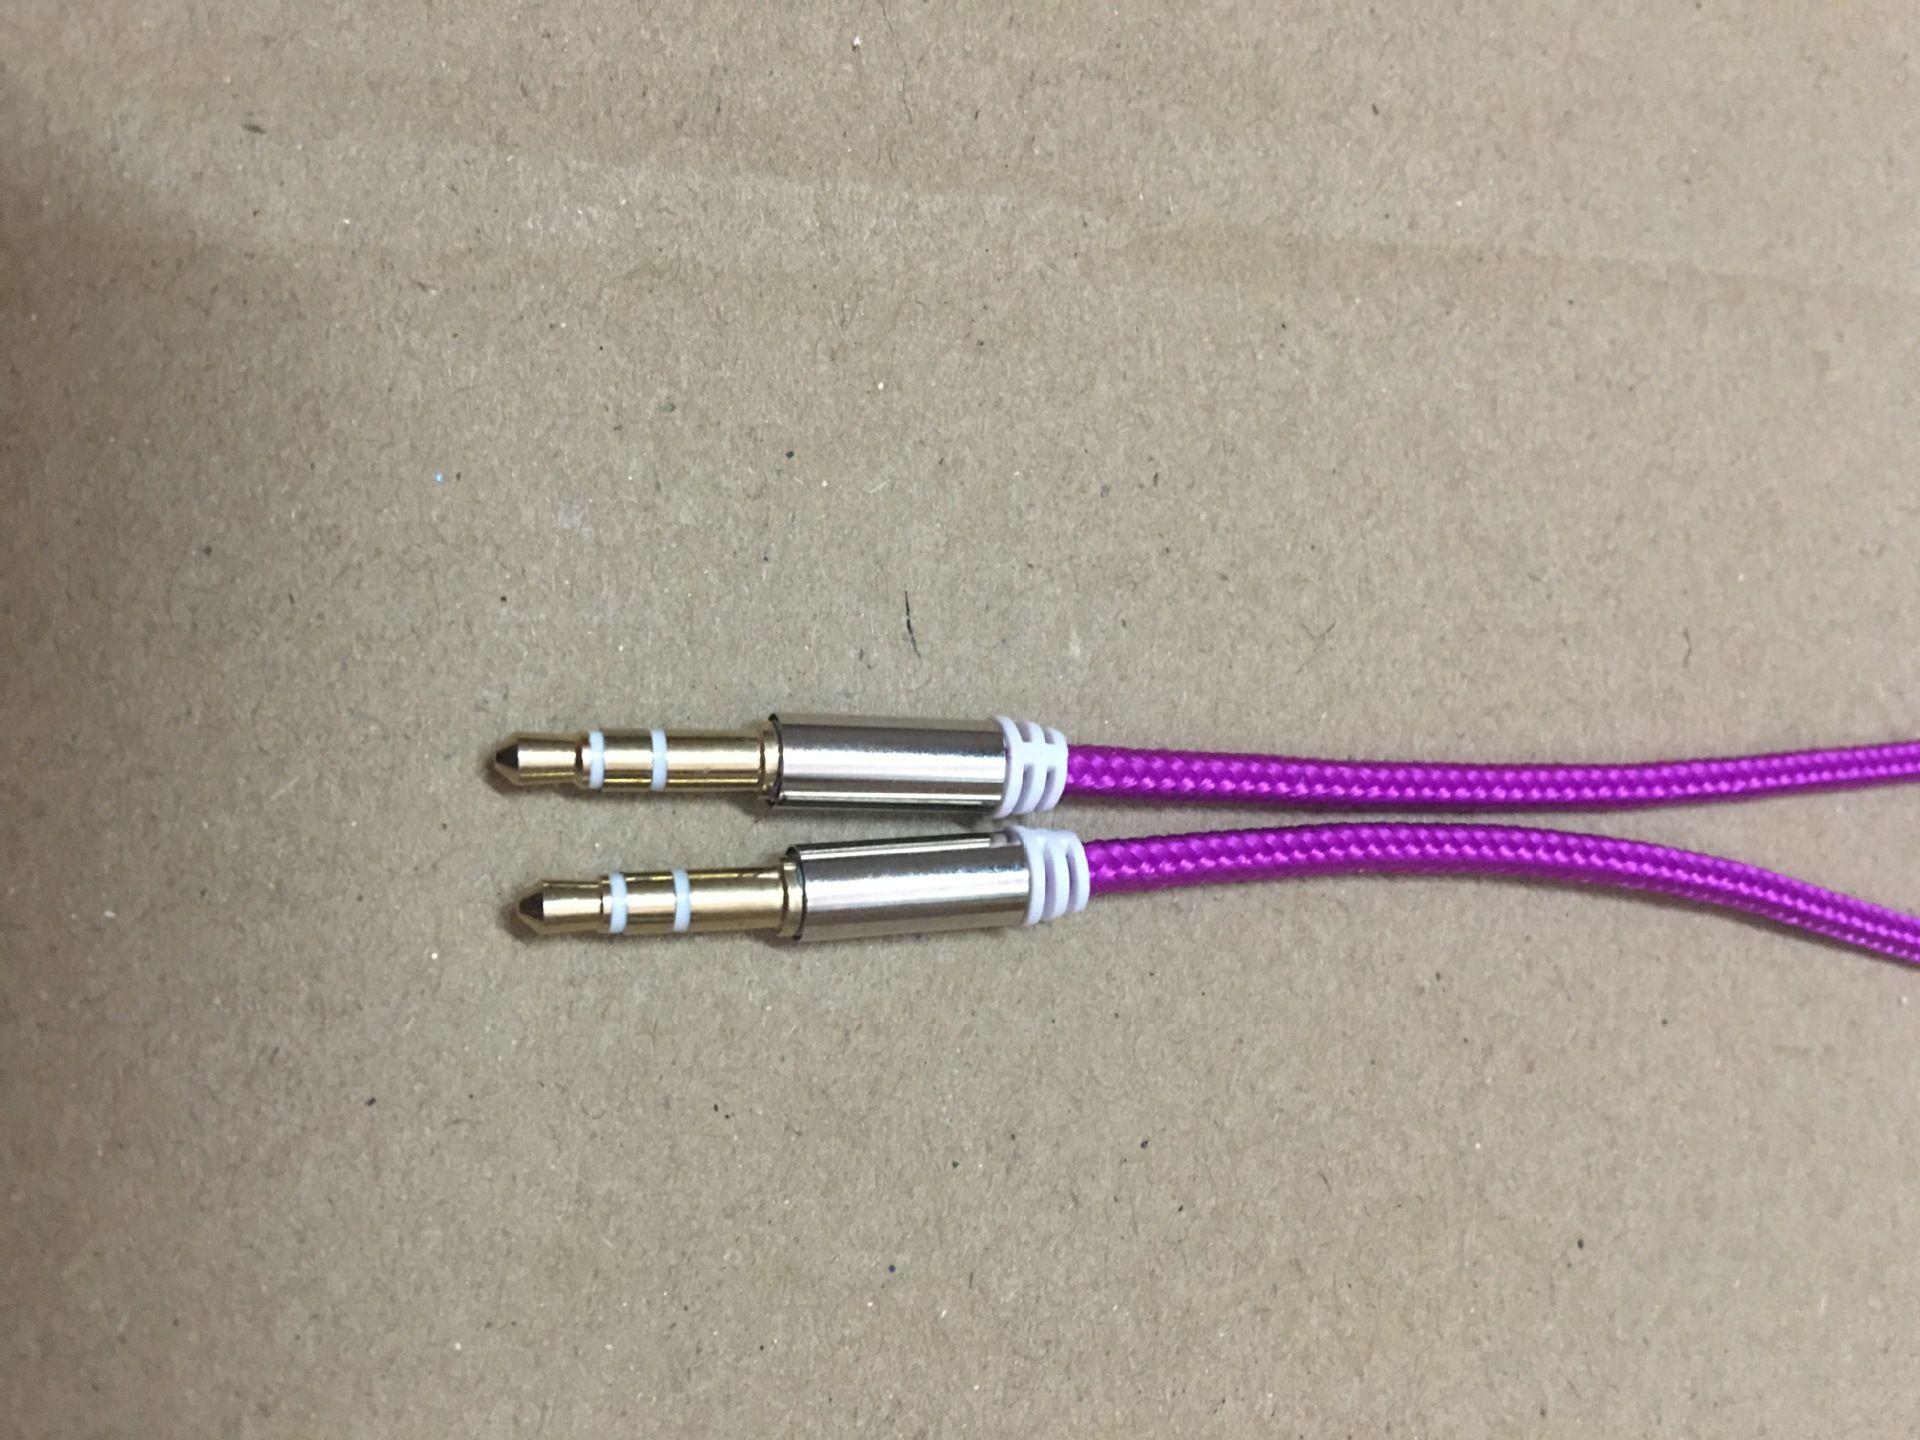 10 COULEUR En Aluminium En Métal Adaptateur Nylon Tressé Tissu Cordon 3.5mm Stéréo Audio Câble 1M 3FT /